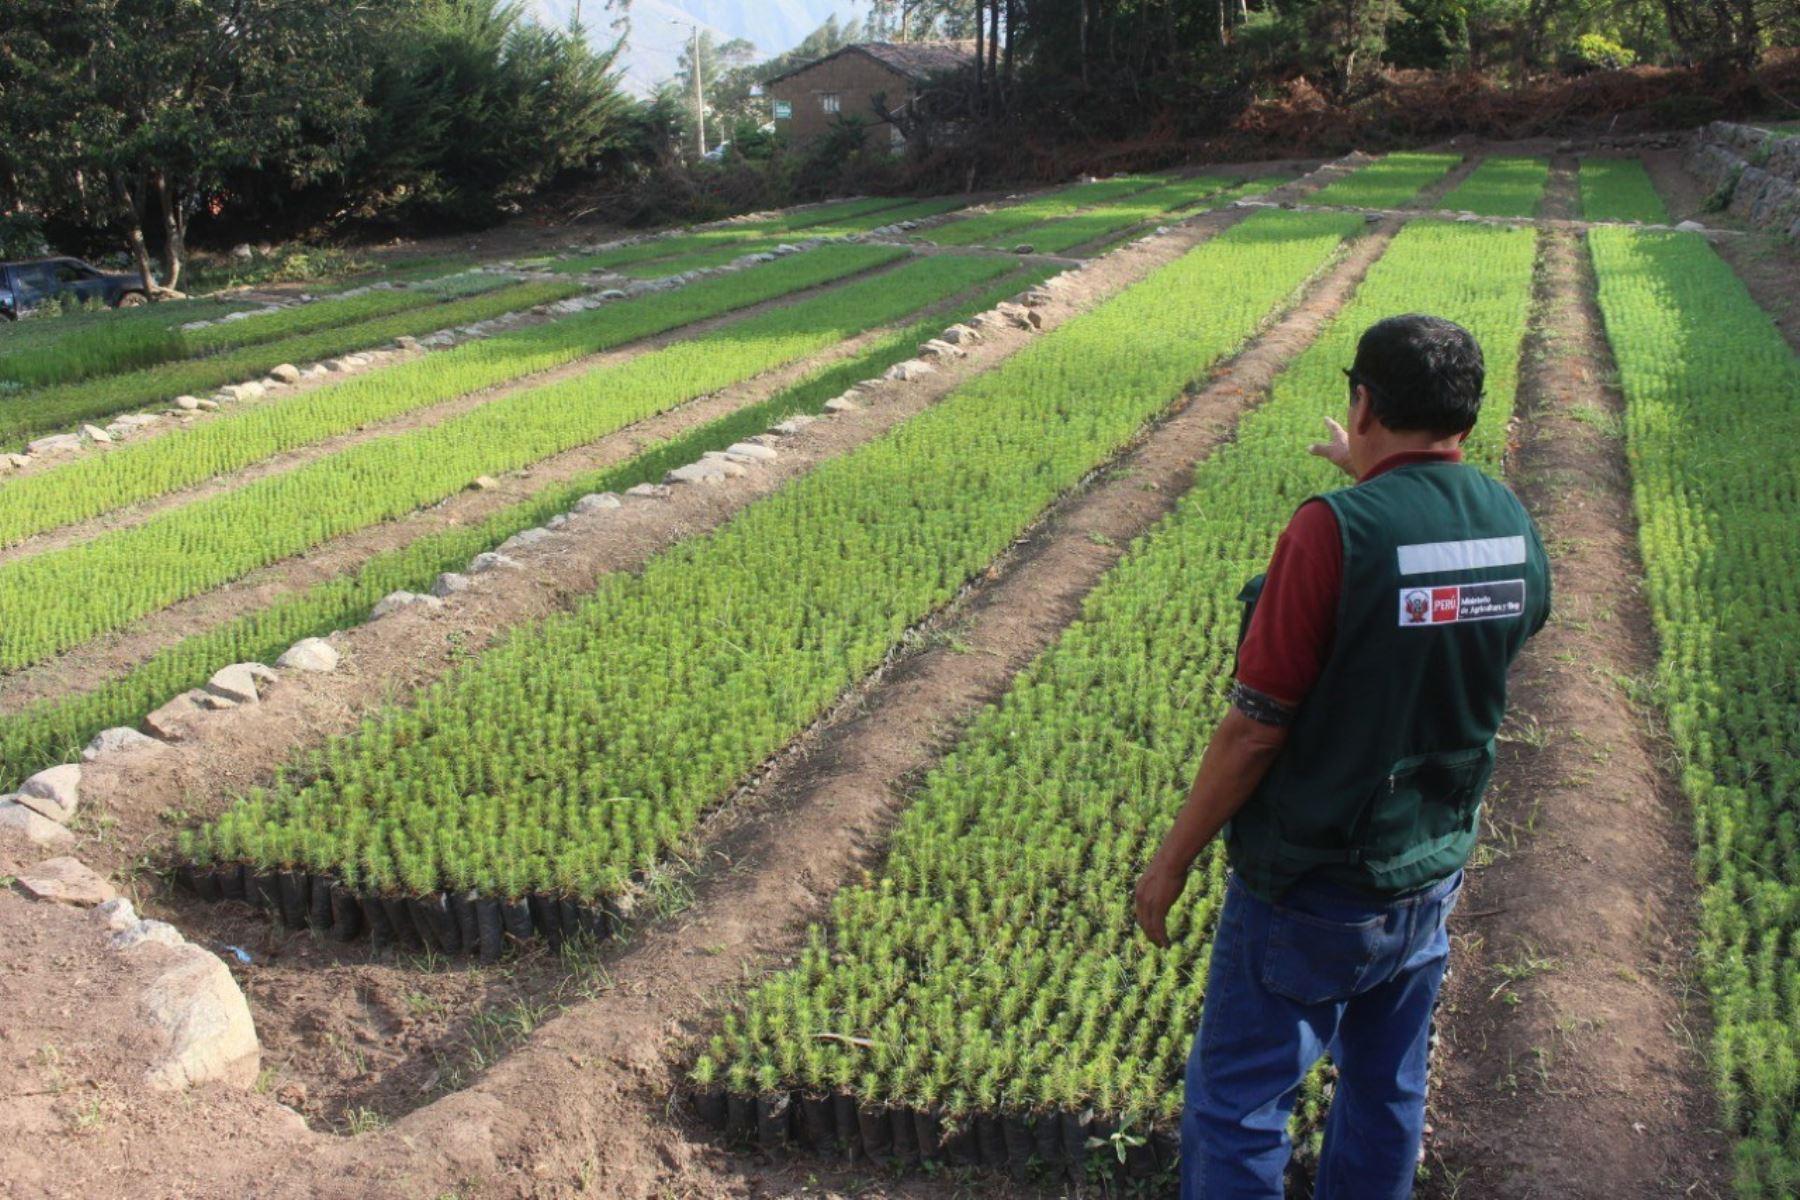 Minagri firma convenio con municipio y comunidades campesinas para sembrar 200,000 árboles en Lambayeque hasta el año 2022